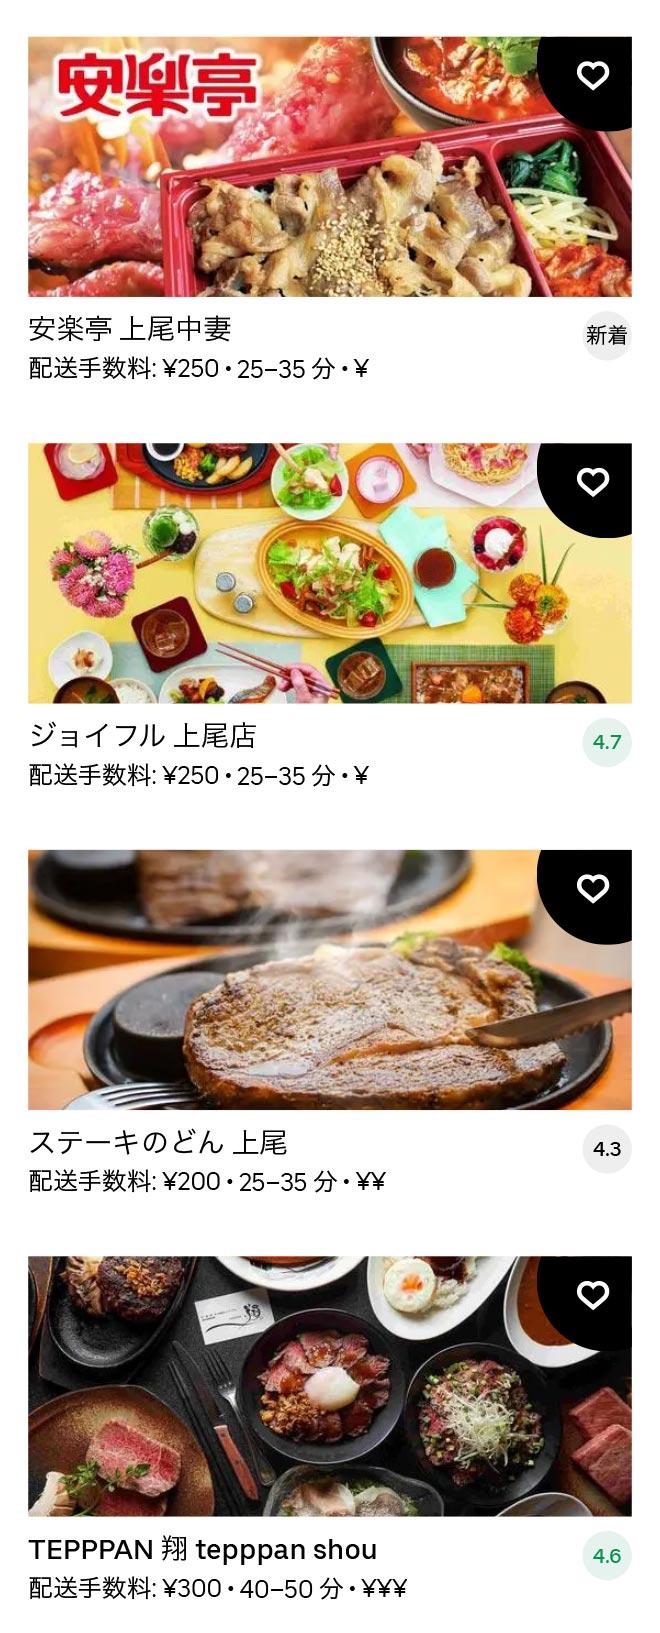 Ageo menu 2012 09